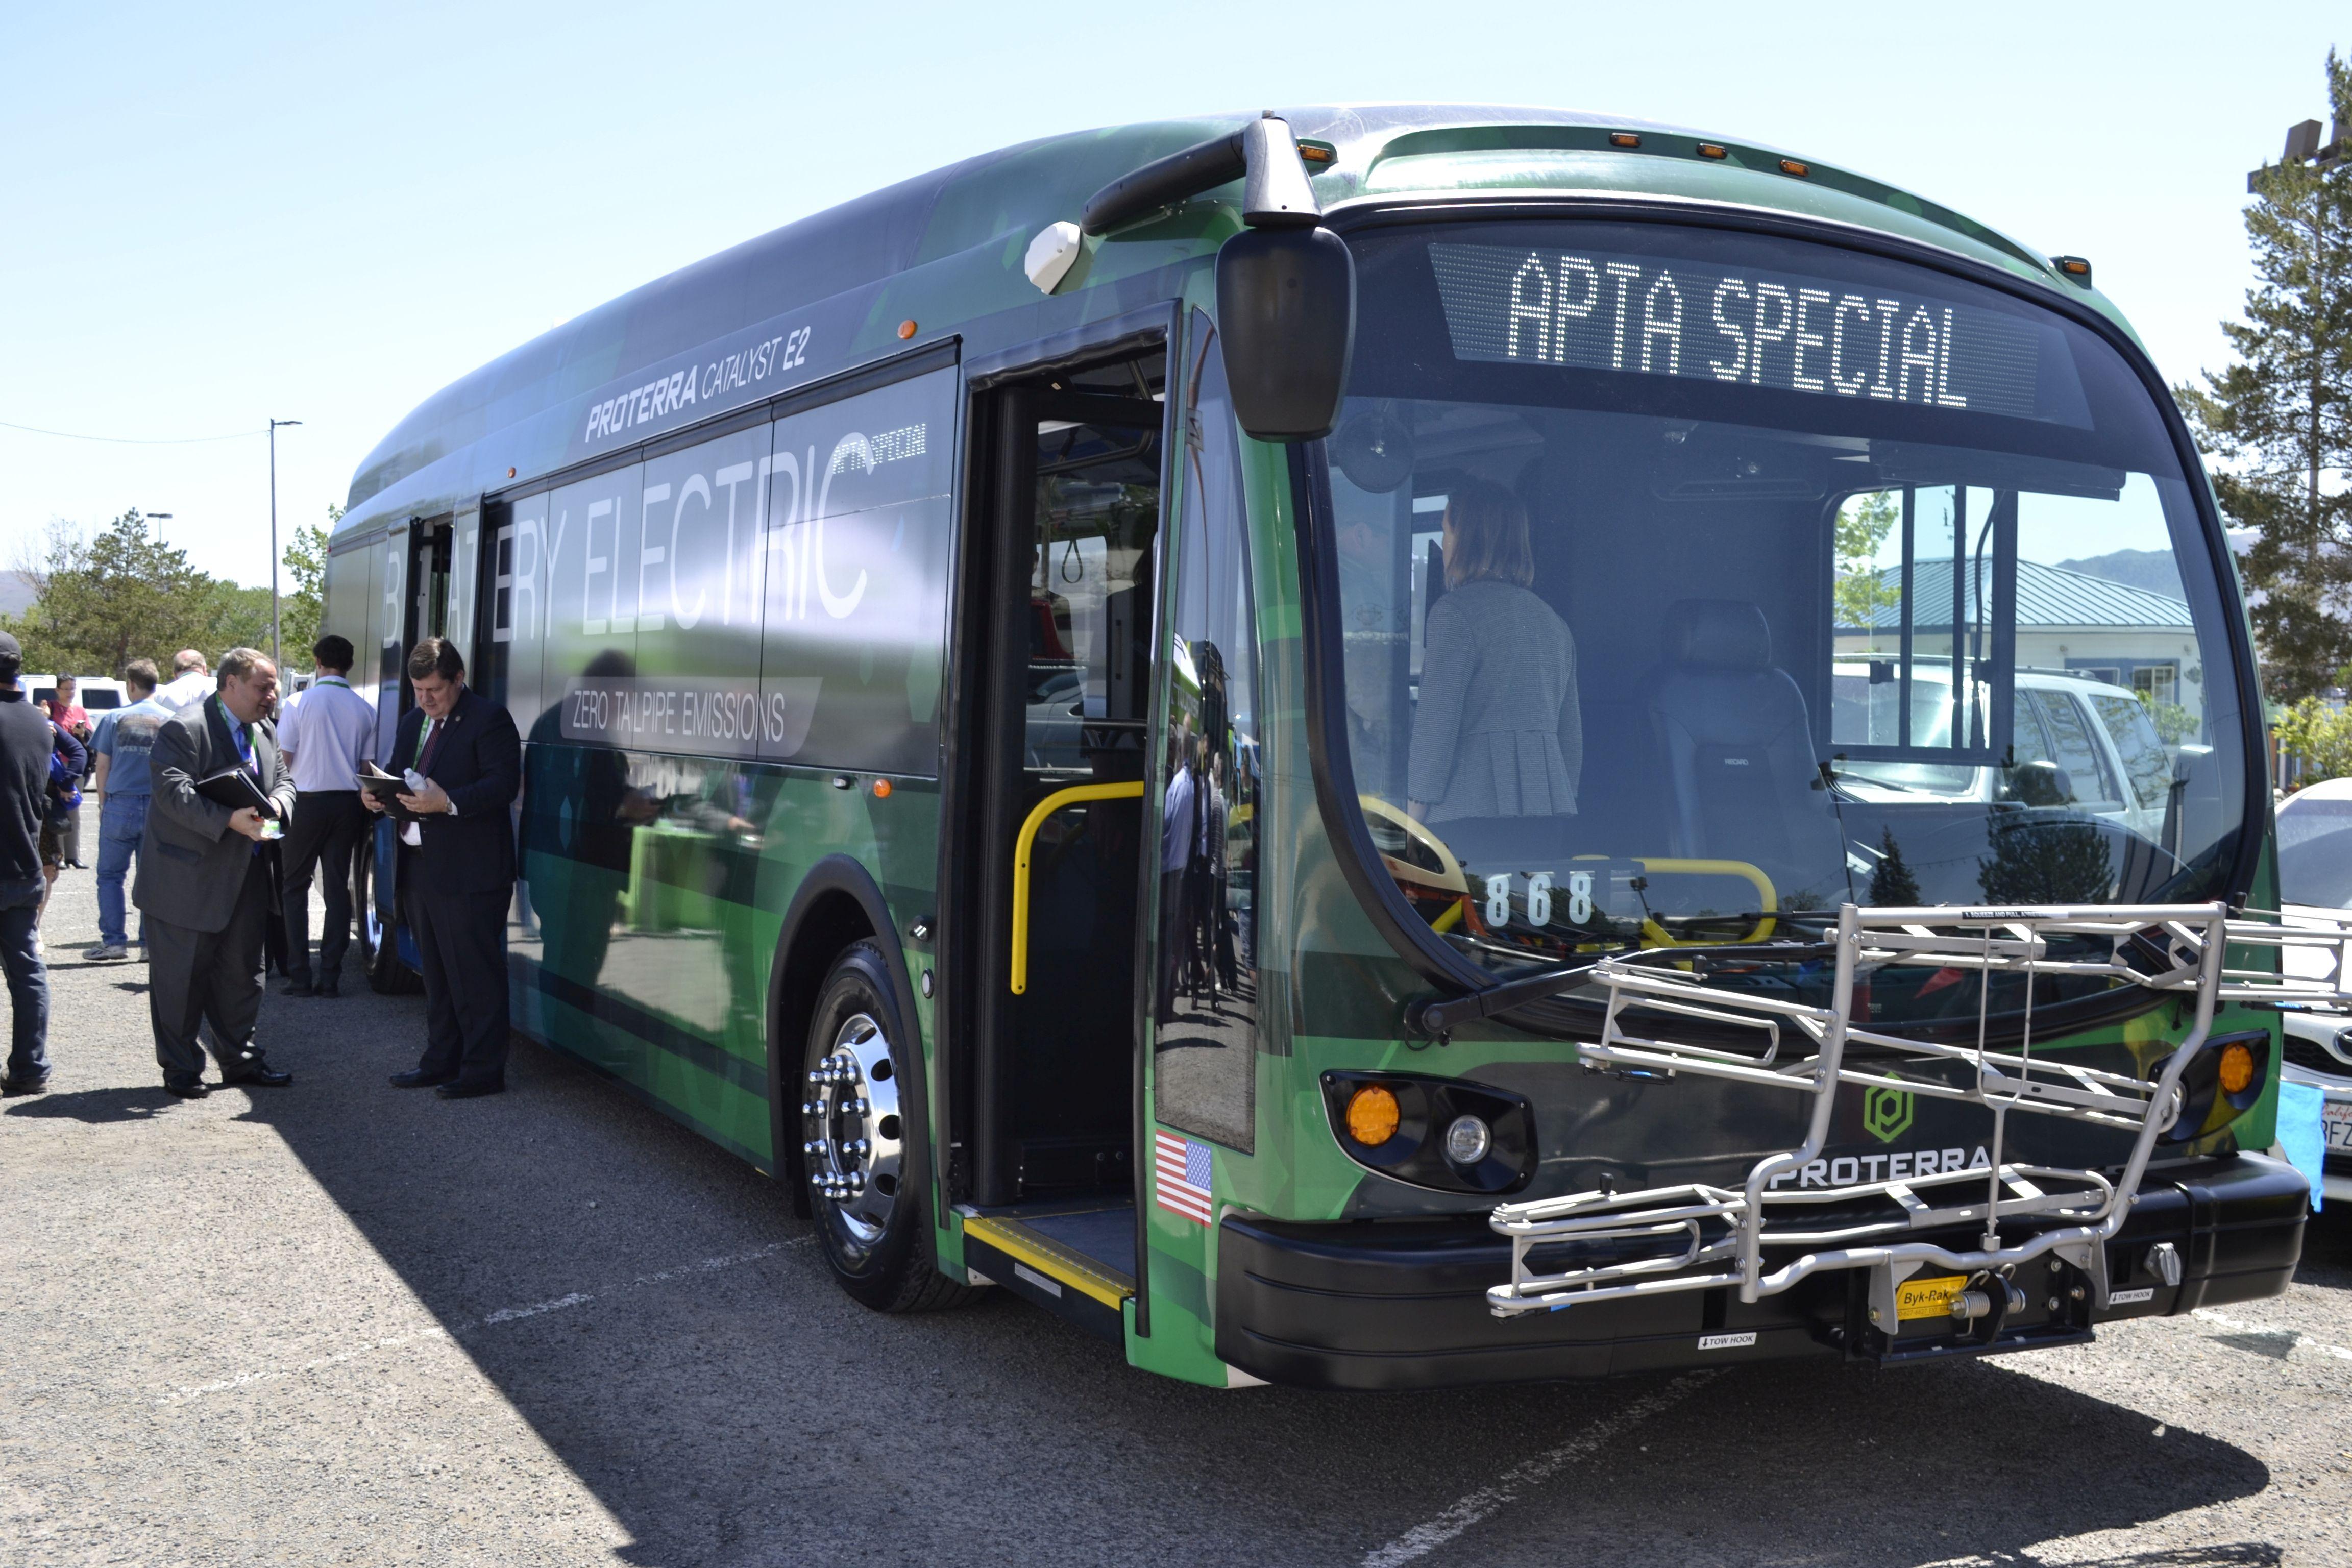 [Photos] 2017 APTA Bus Display Highlights